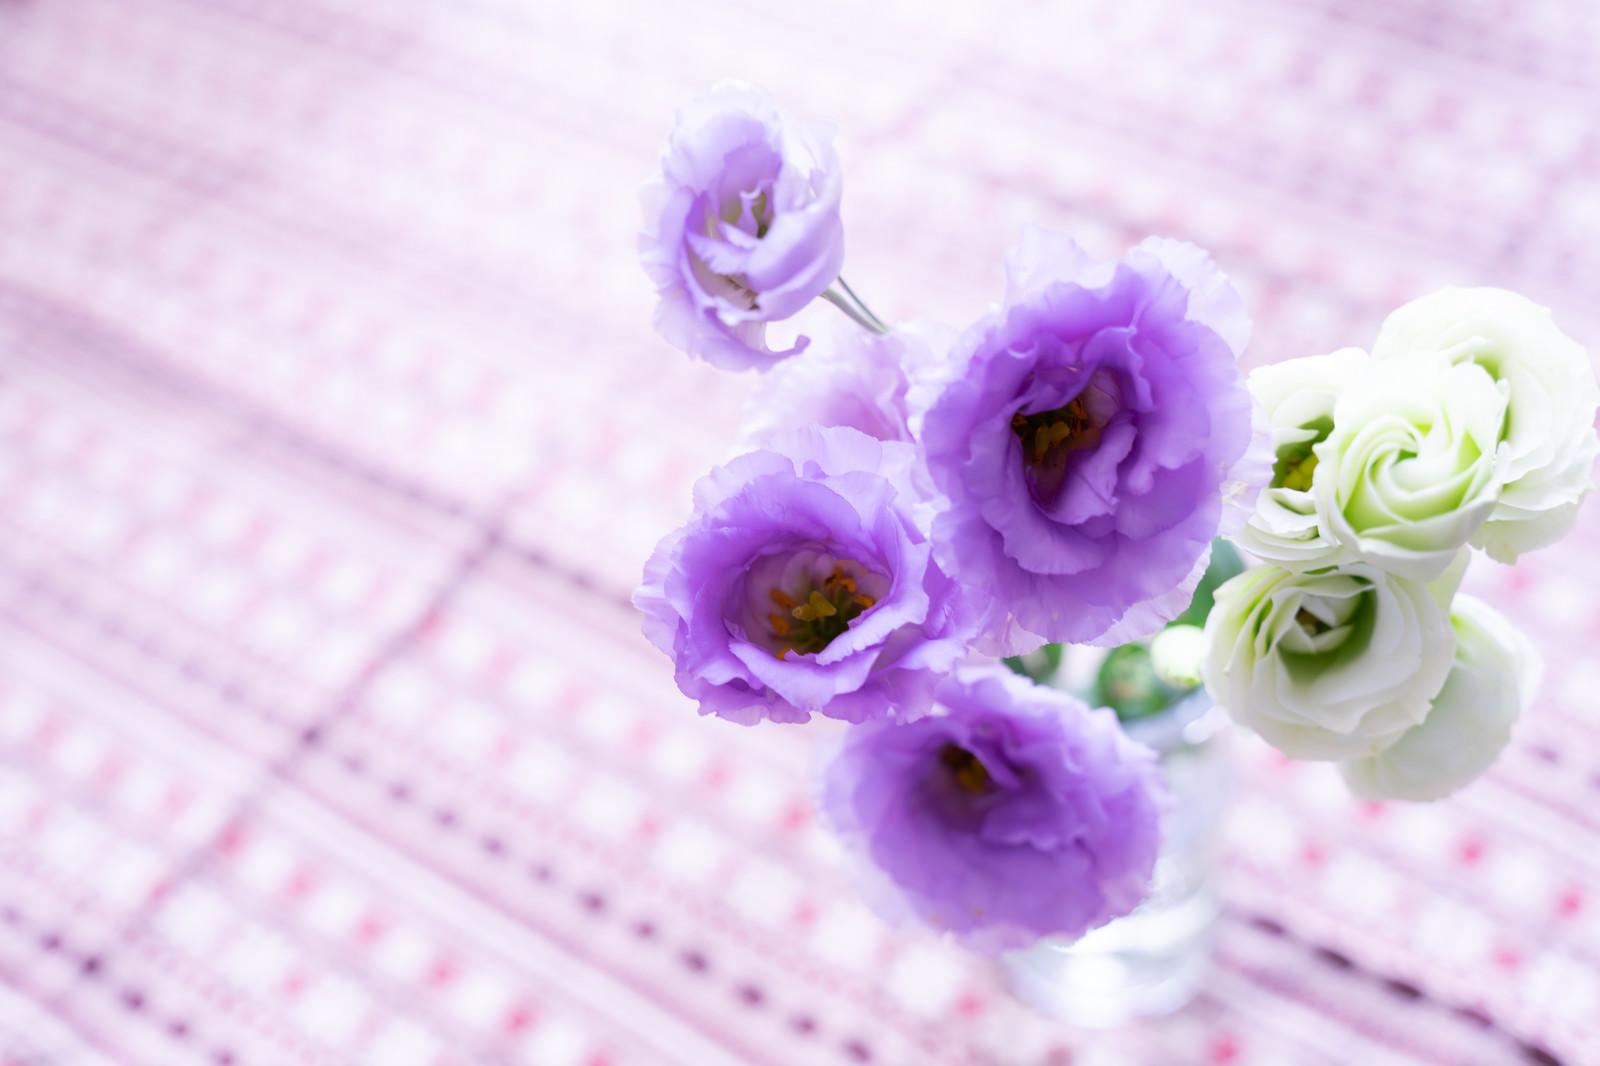 「紫と白の花(トルコキキョウ)」の写真